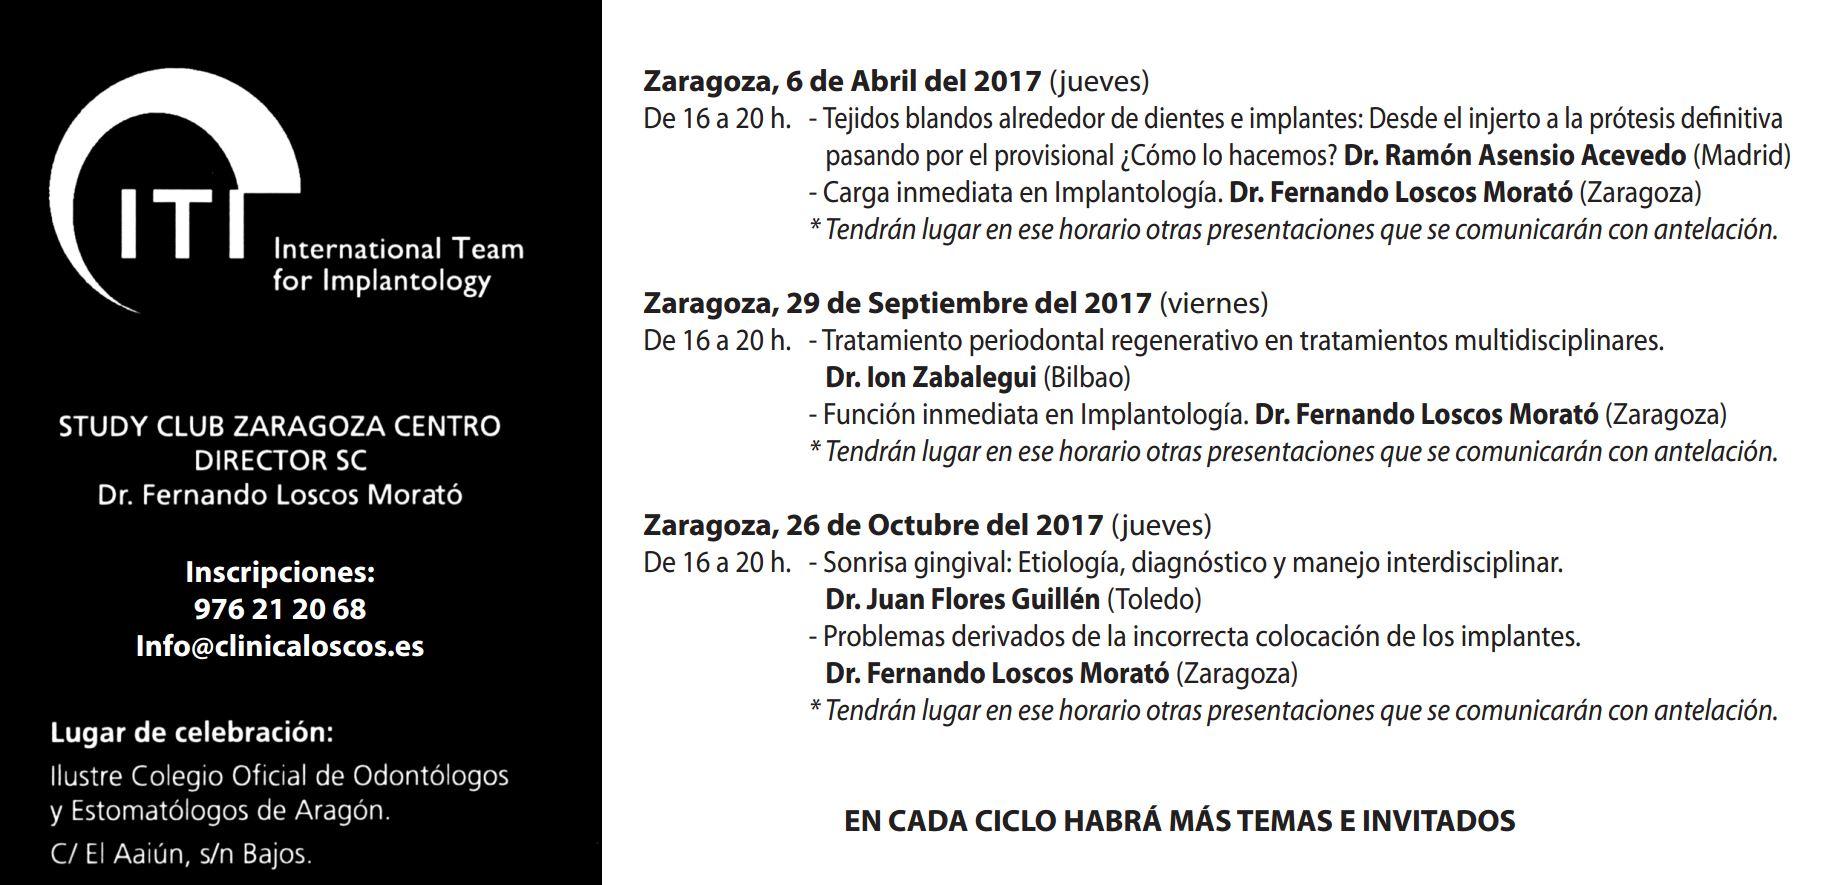 study-club-zaragoza